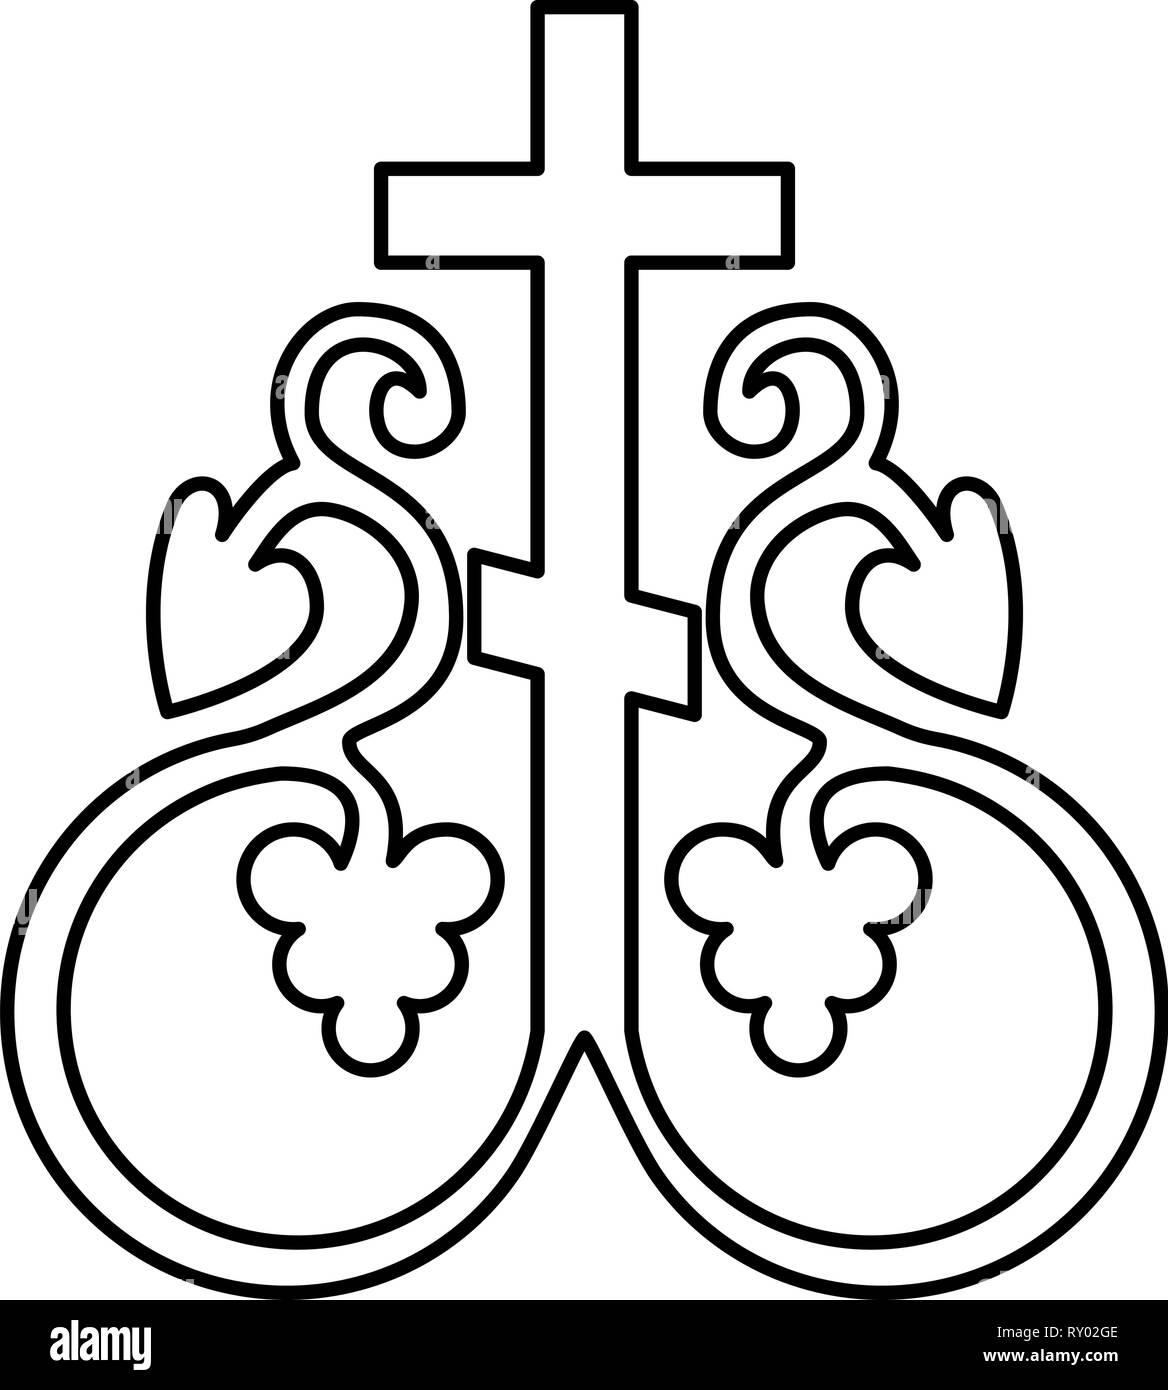 Cruz Cruz vid monograma símbolo secreto signo de comunión religiosa  anclajes cruz icono ilustración vectorial de esquema de color negro estilo  plano imagen Imagen Vector de stock - Alamy